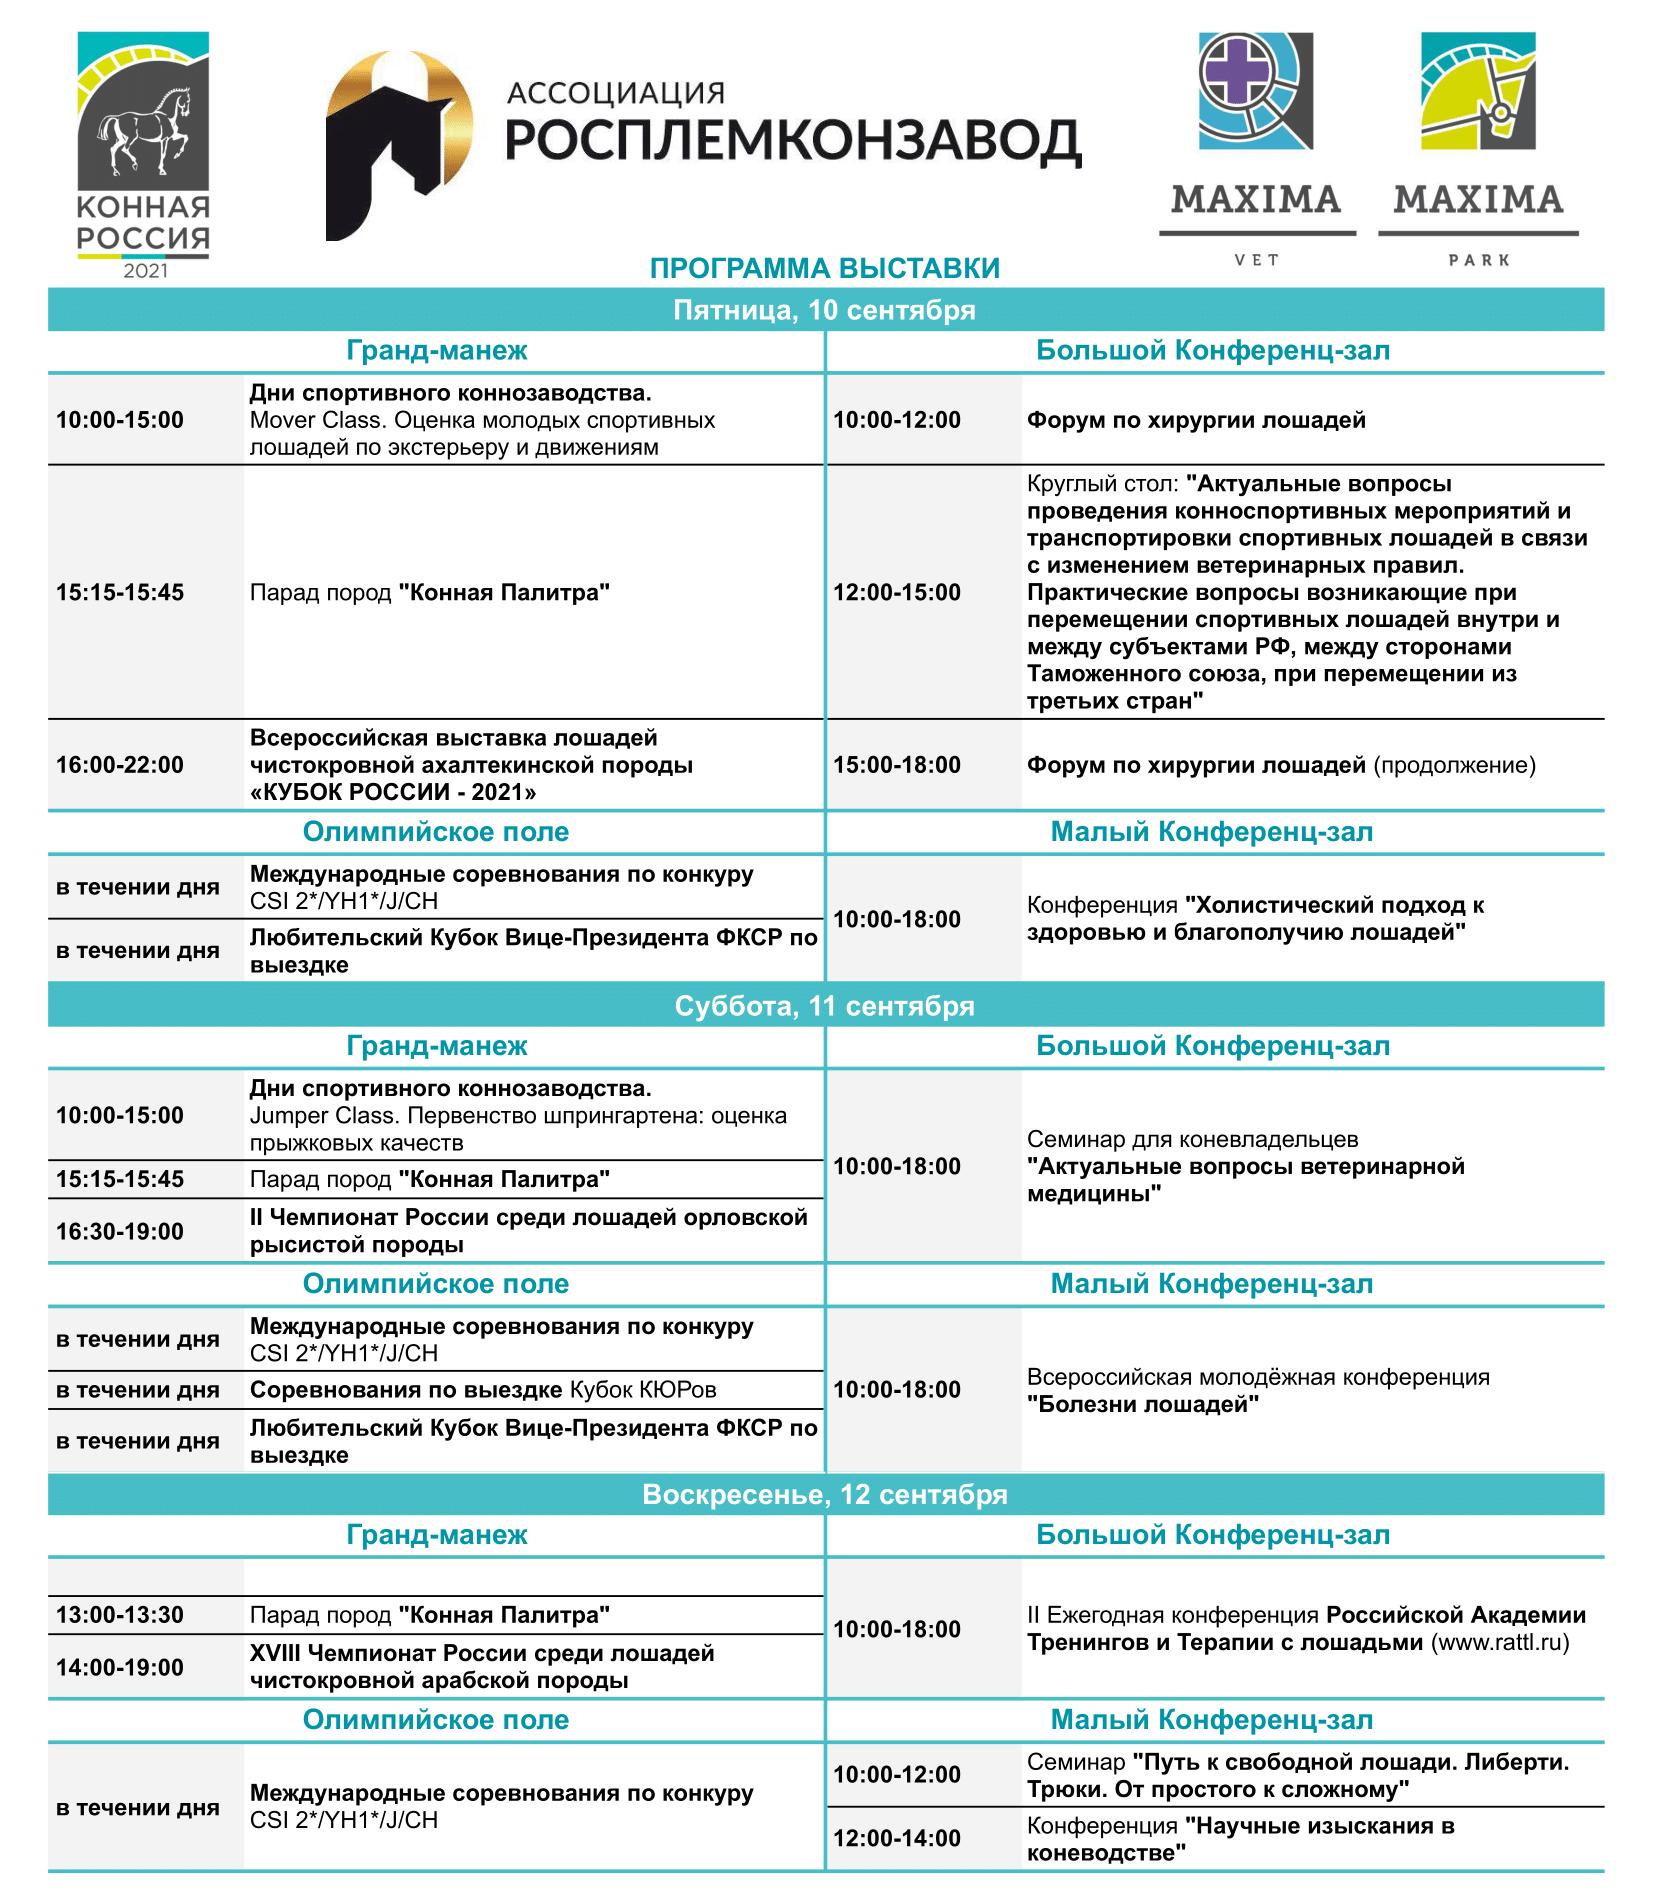 Программа предстоящей выставки!